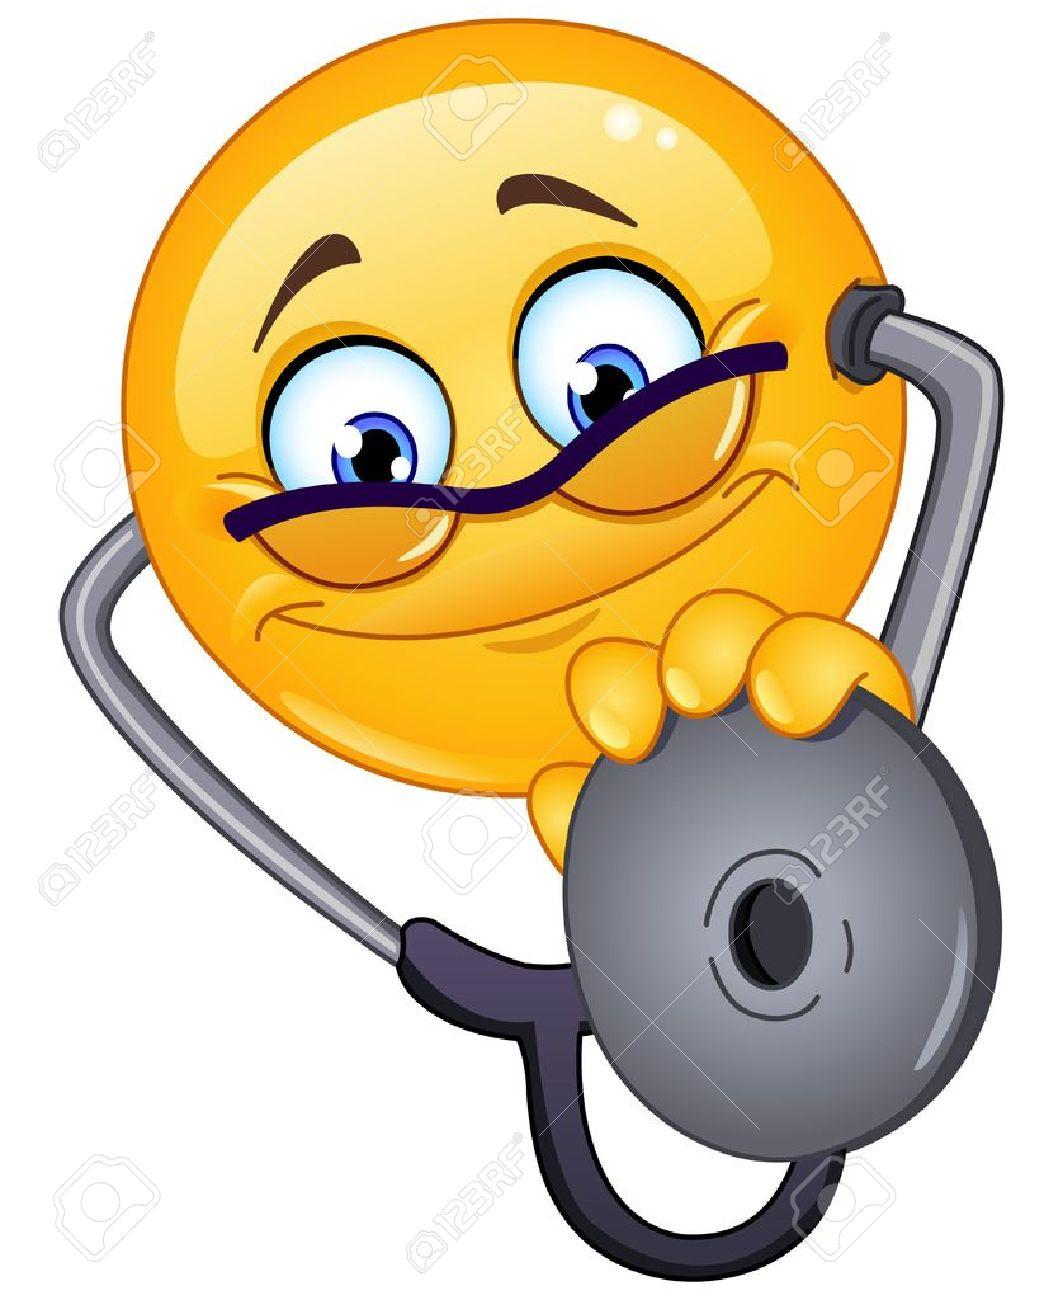 Remise en marche de MabelleMontesa 348 16004960-Docteur-avec-st-thoscope-motic-ne-Banque-d'images